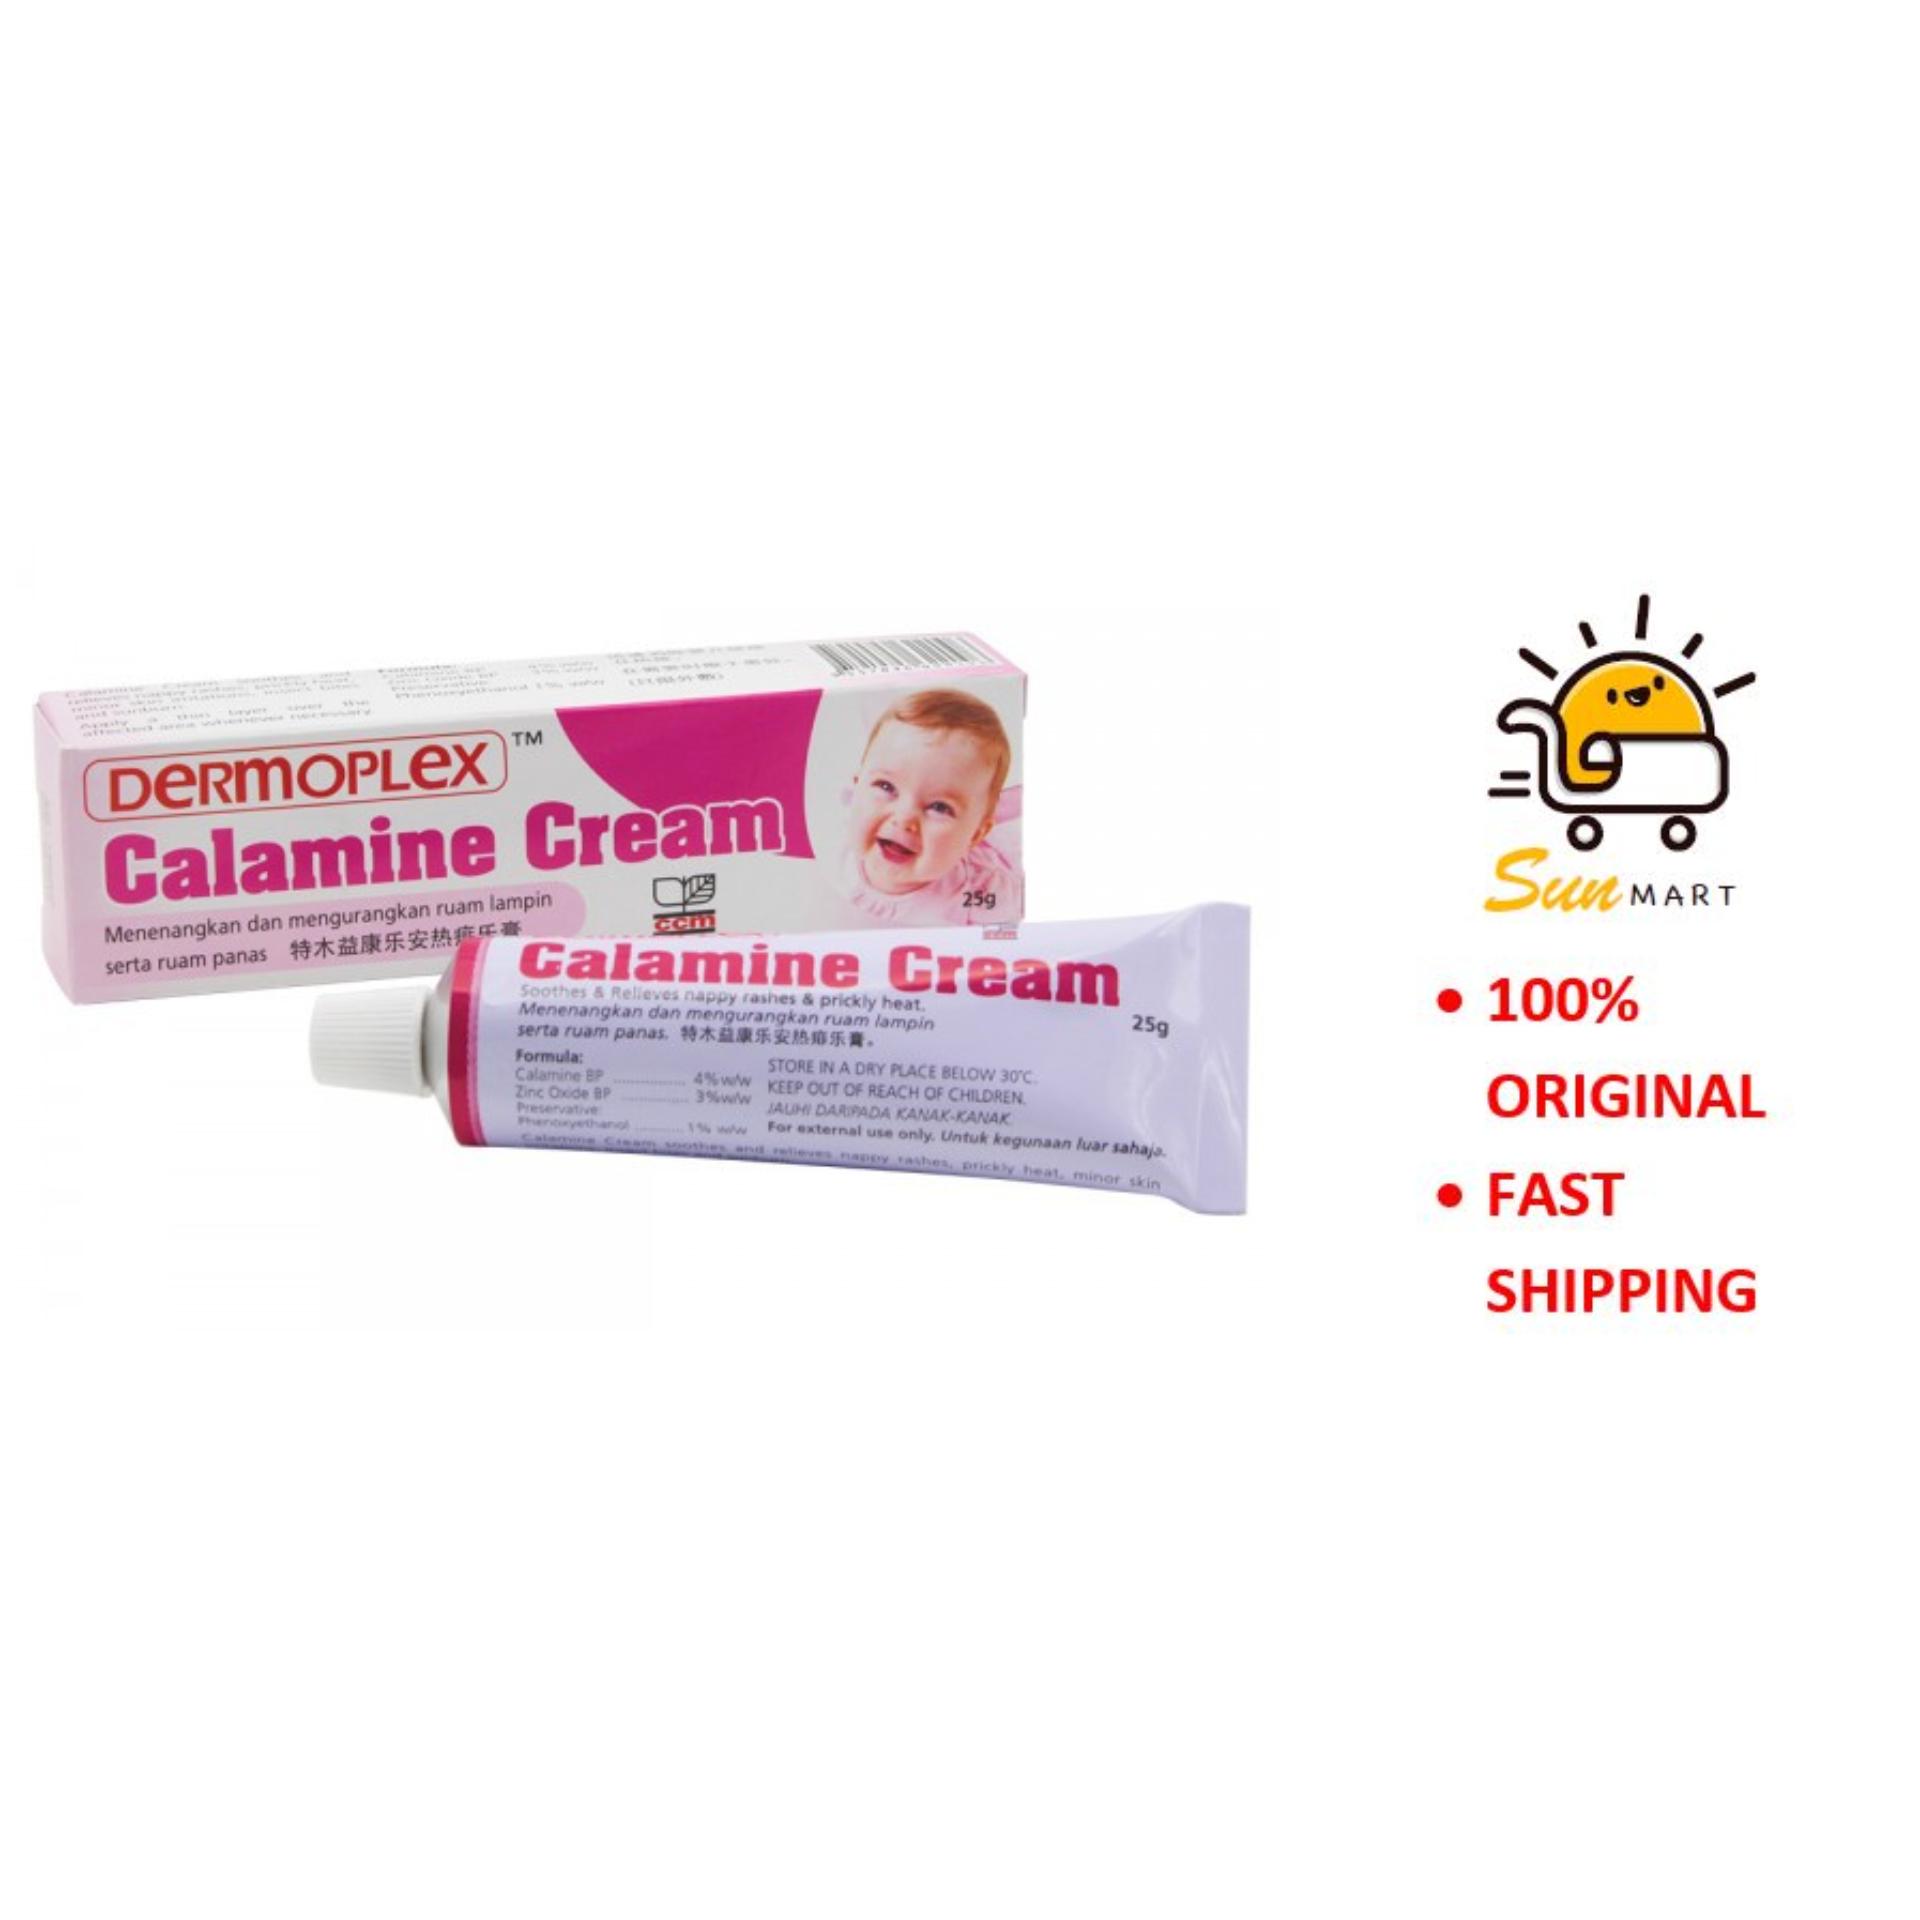 Dermoplex Calamine Cream 25g